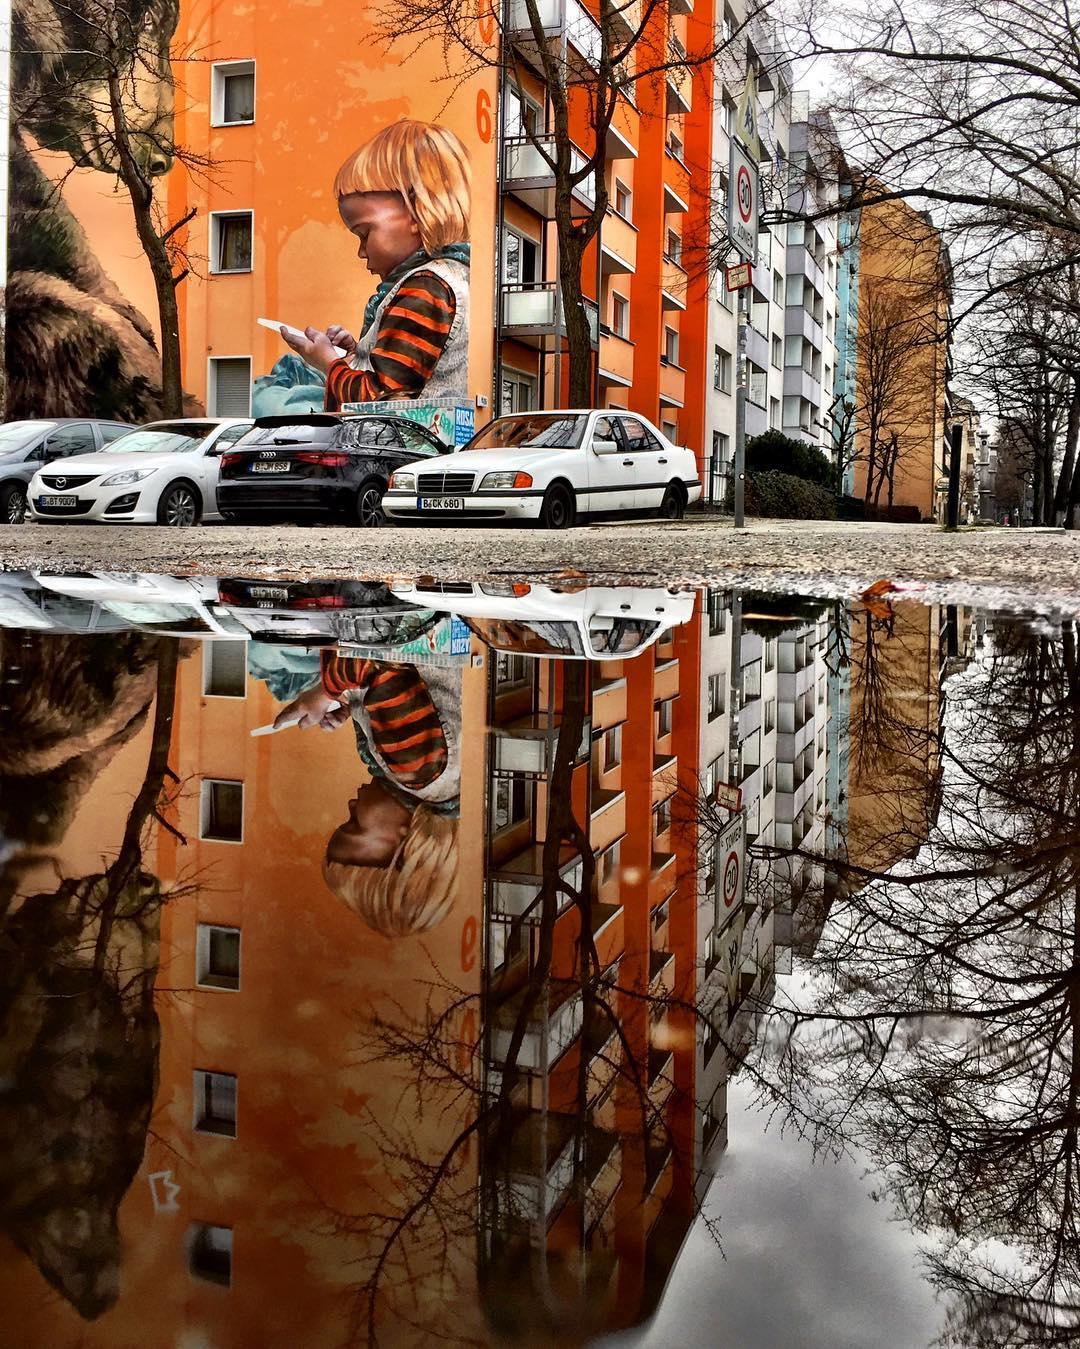 #paracegover Descrição para deficientes visuais: a imagem mostra um grafite na esquina de um prédio residencial pintado em tons de laranja. A obra representa uma criança lendo algo para um enorme urso polar castanho. Os dois parecem muito entretidos. A cena está toda refletida na poça d'água à frente, com a participação indesejada de carros estacionados no local. As árvores ainda estão todas sem folhas. — at Park am Gleisdreieck.